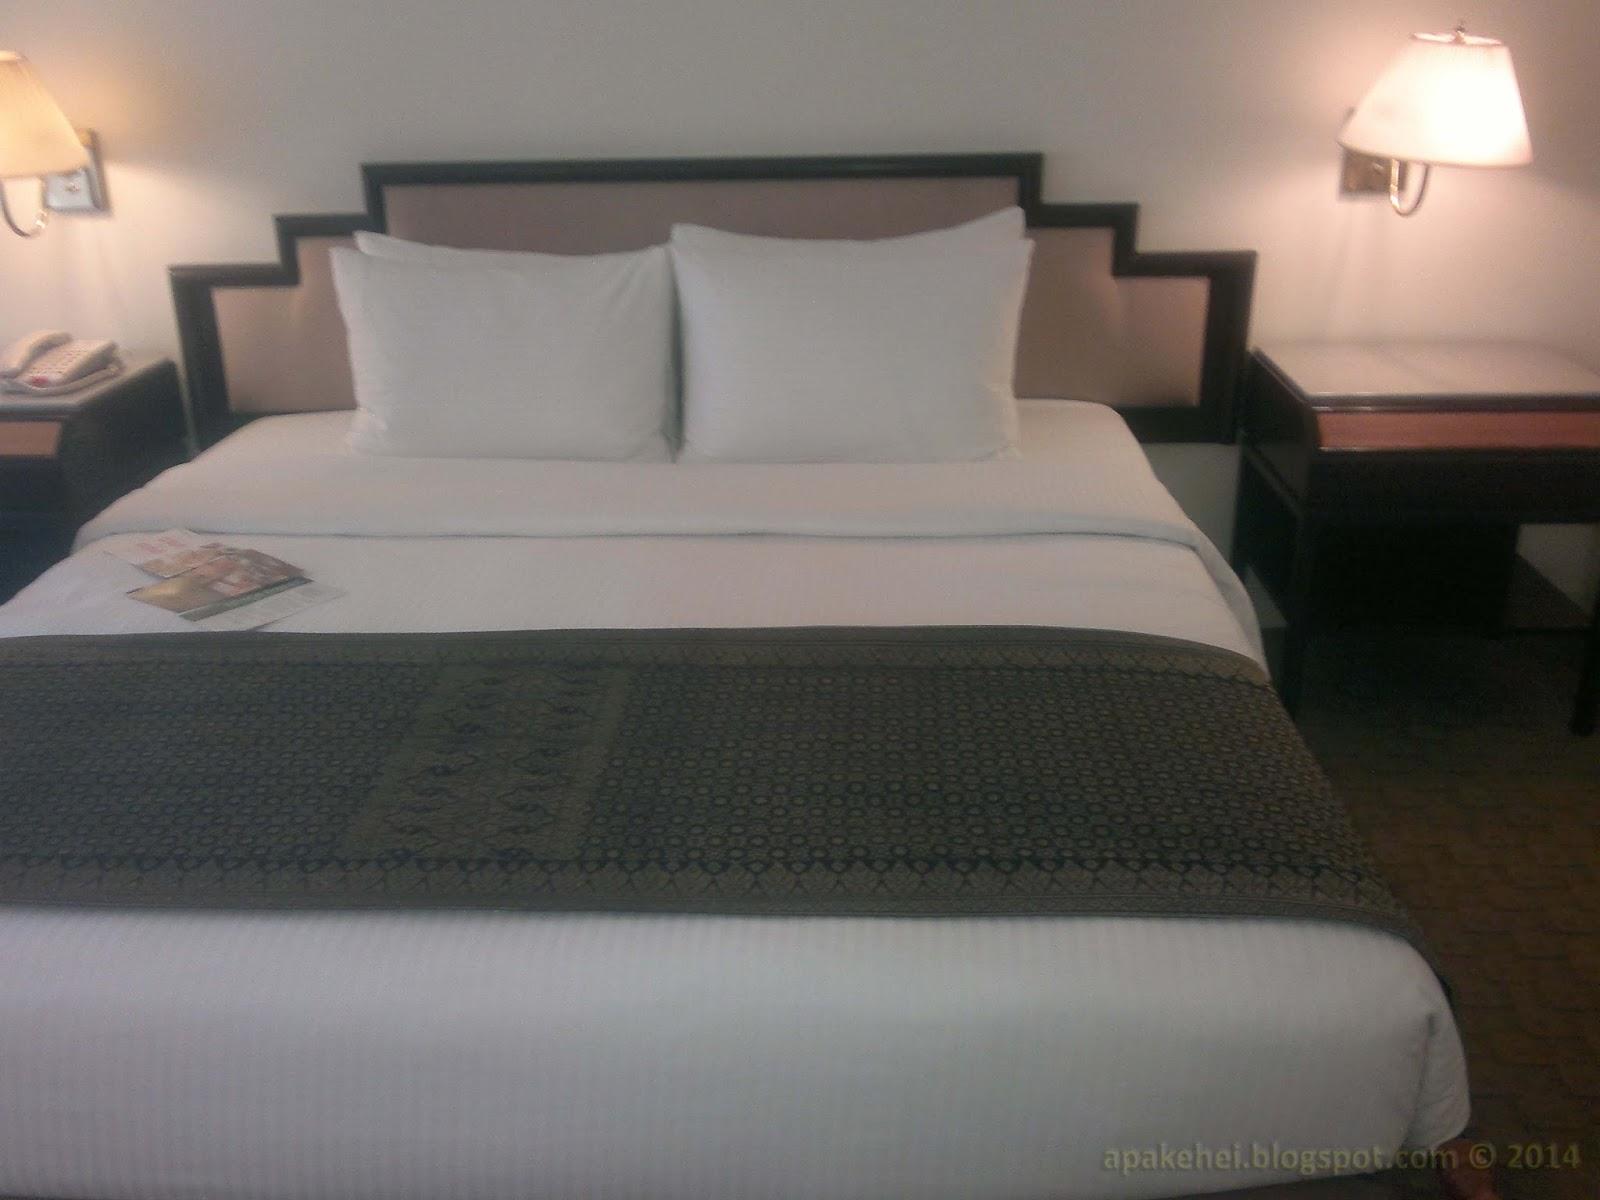 Hotel Istana - King bed saiz